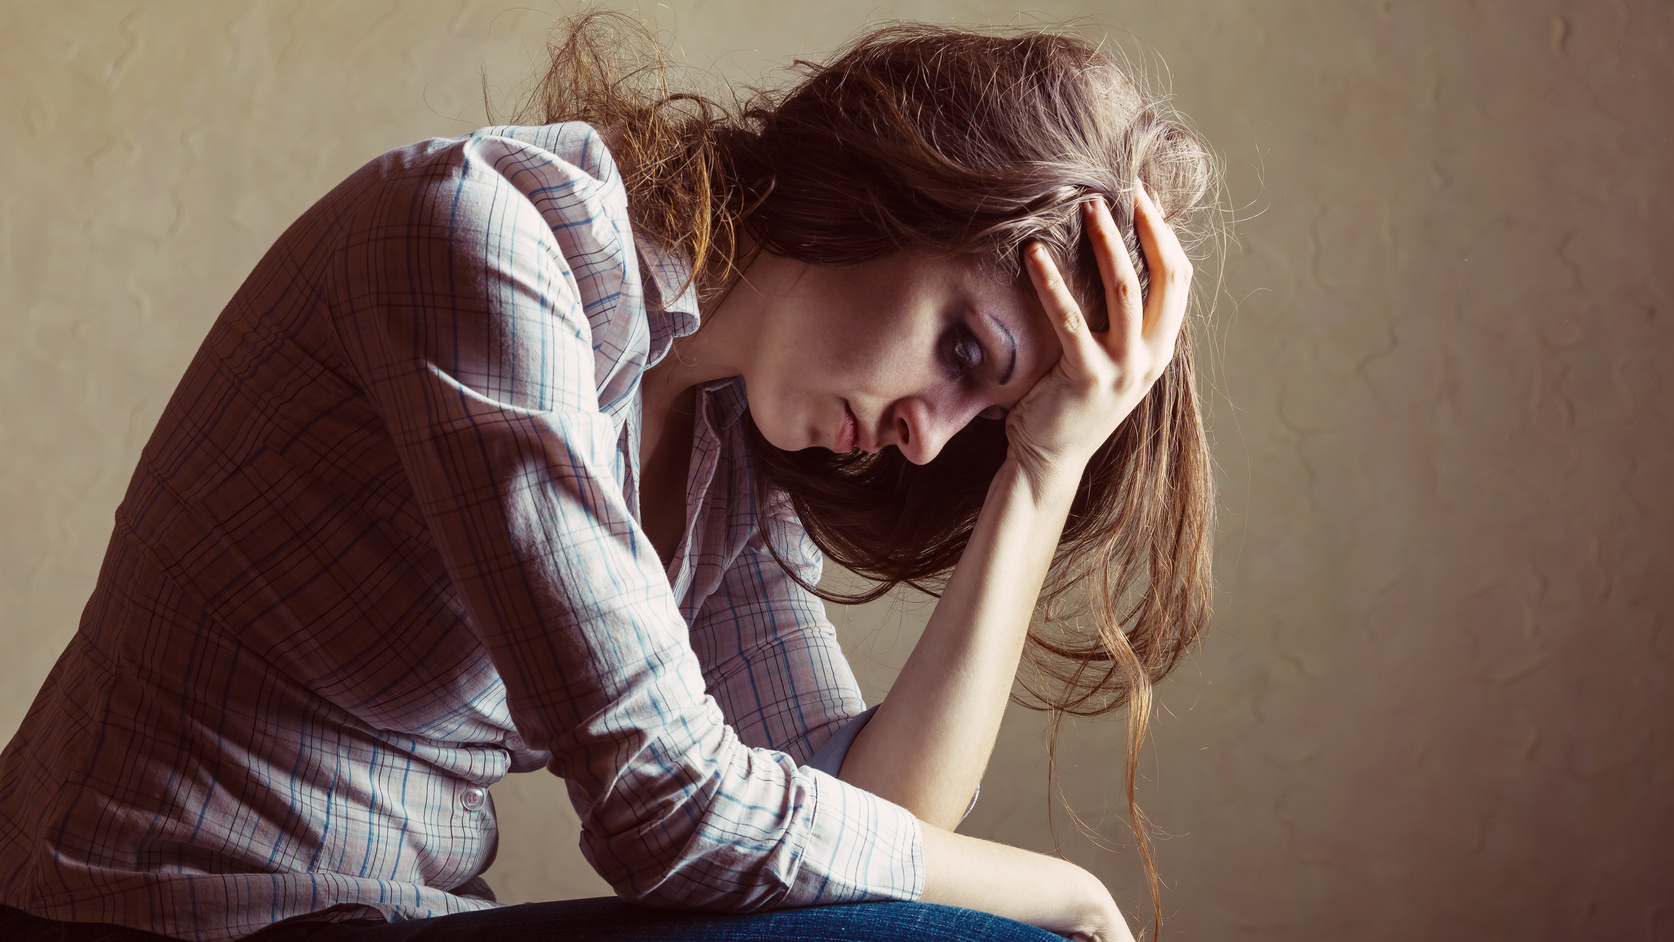 Depressione: sottovalutata da molte persone con tumore, diabete e malattie reumatiche